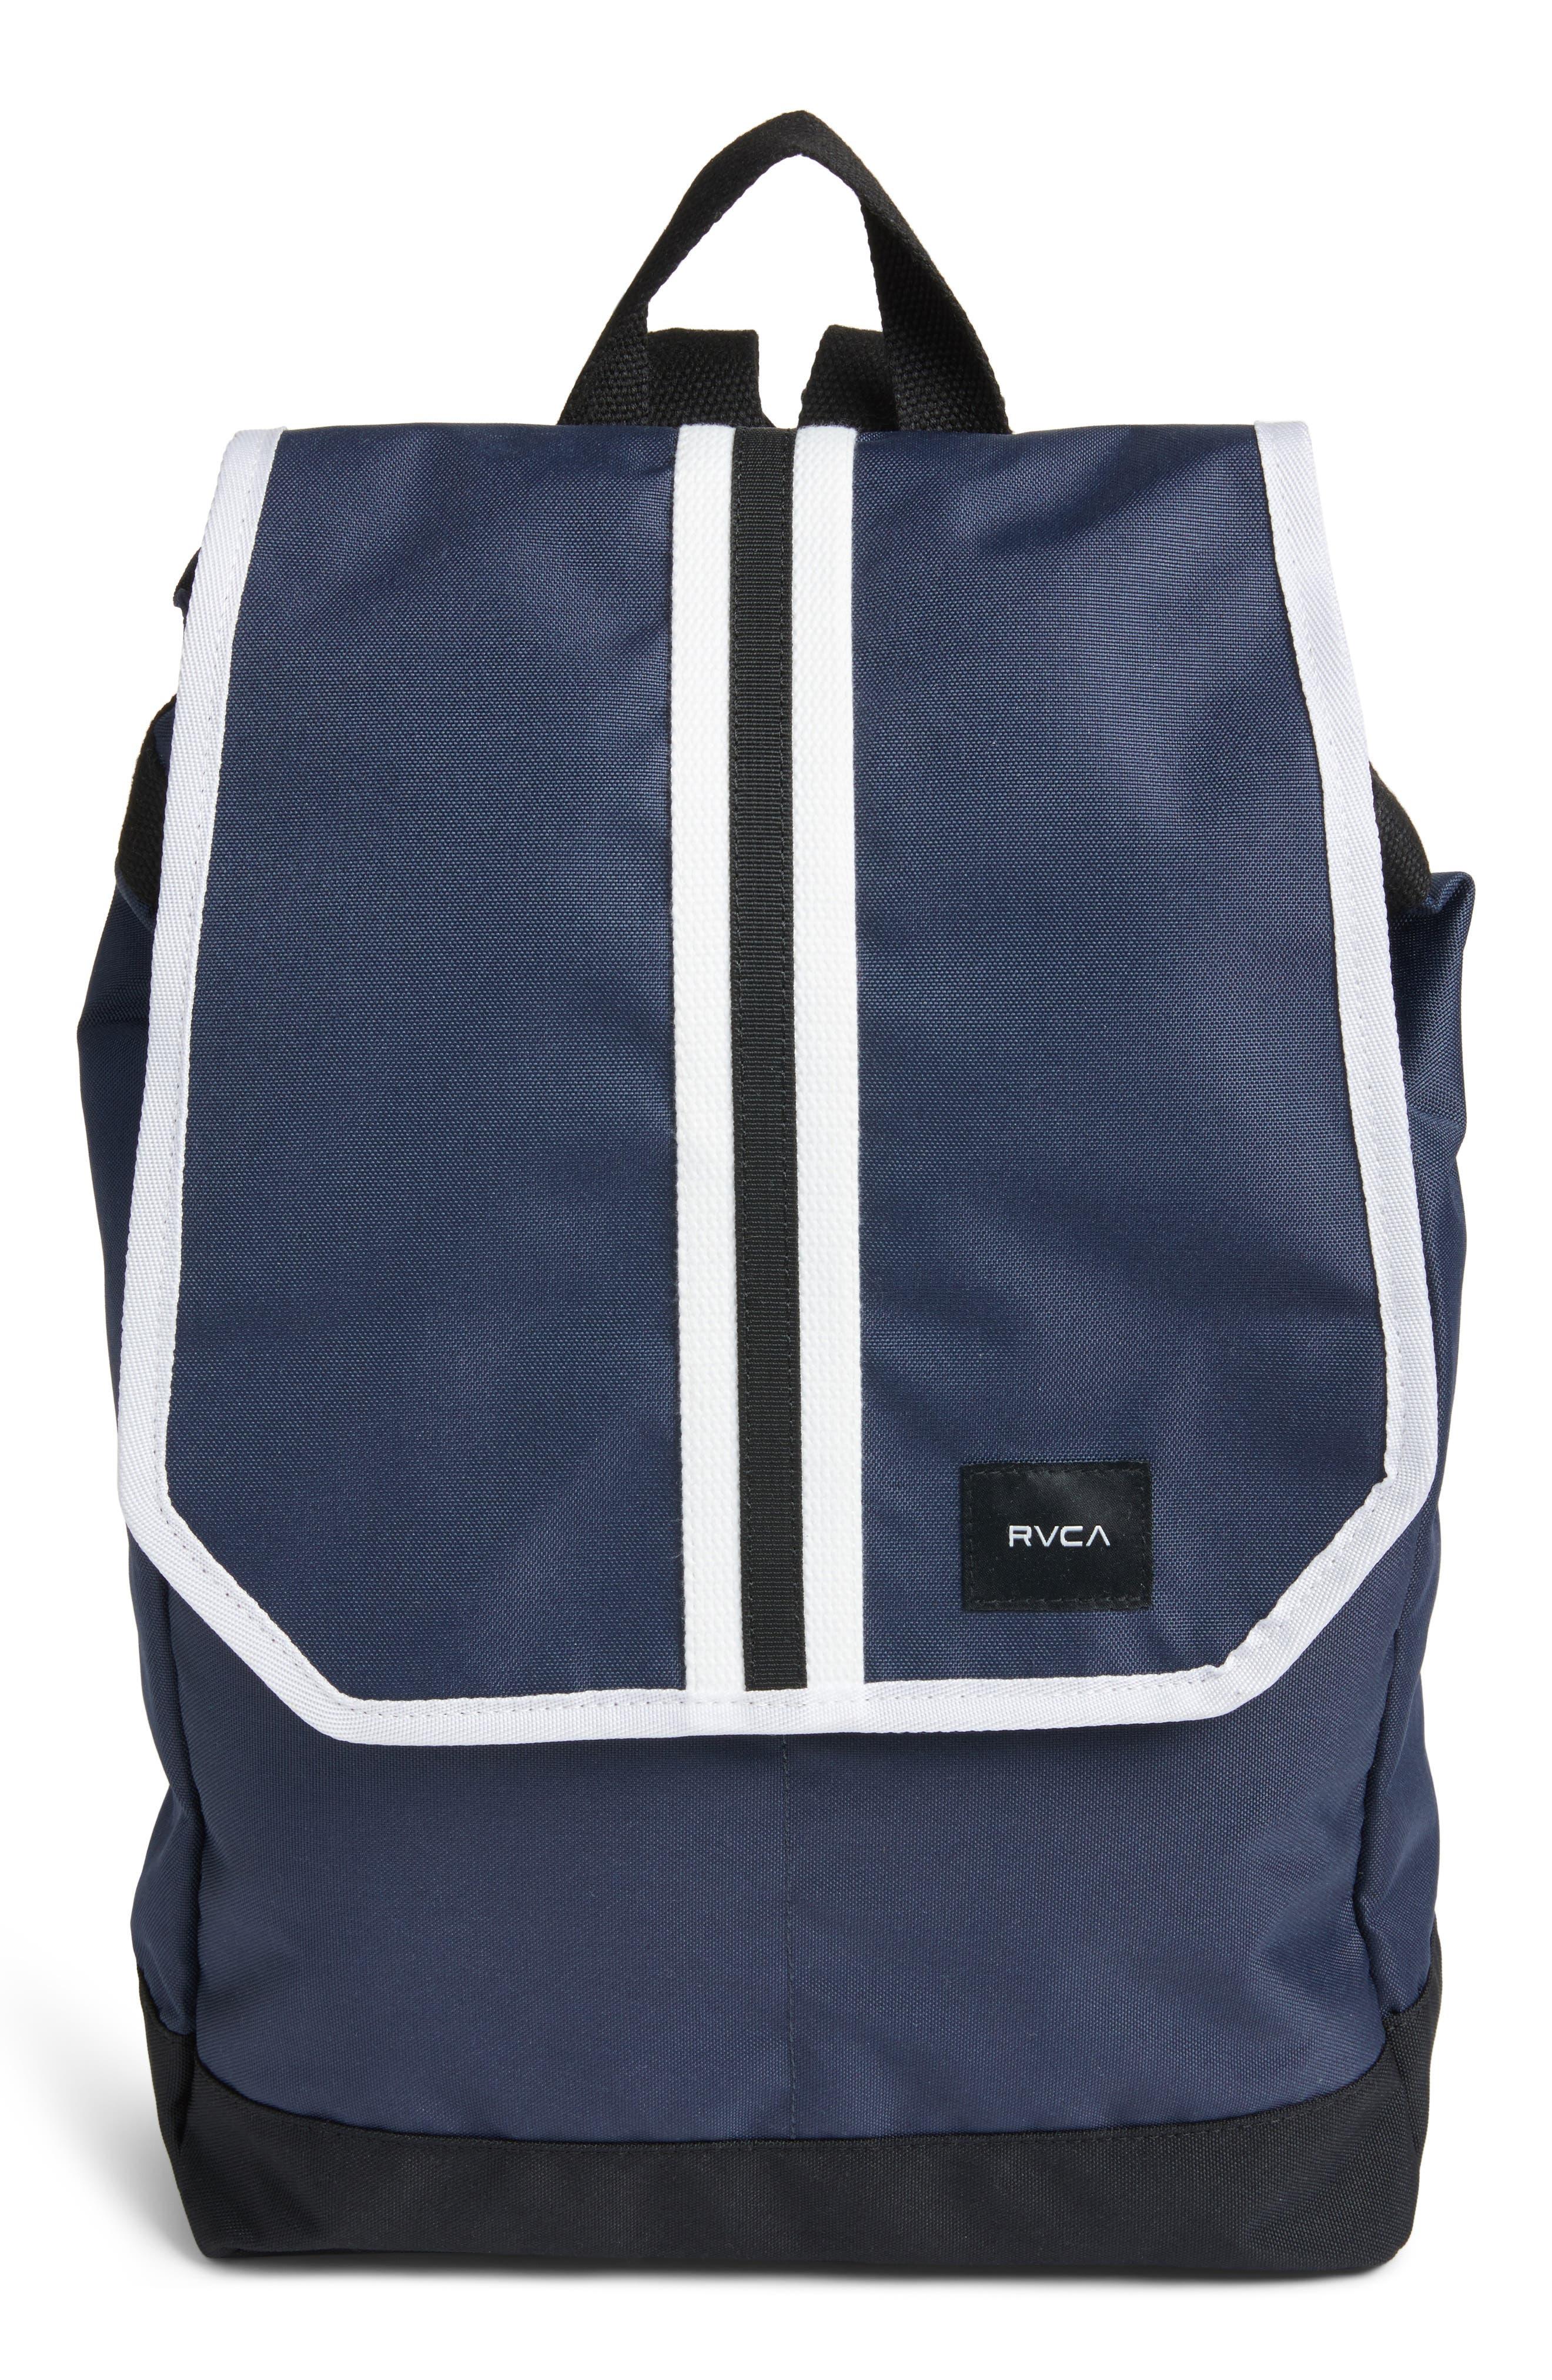 Dazed Backpack,                         Main,                         color, 466